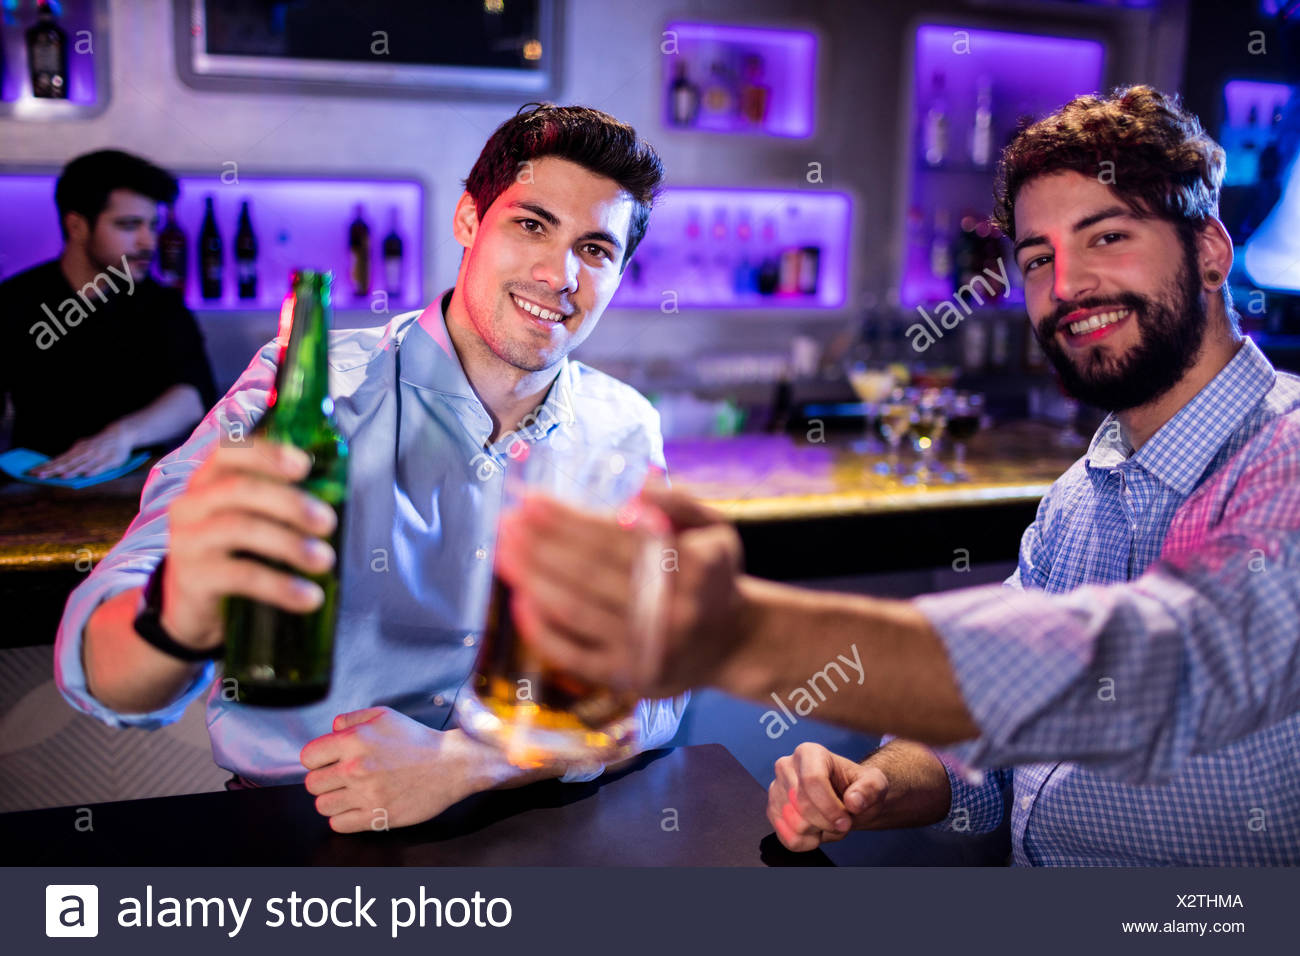 Porträt von Männern zeigt Glas Bier, Bierflasche Stockbild